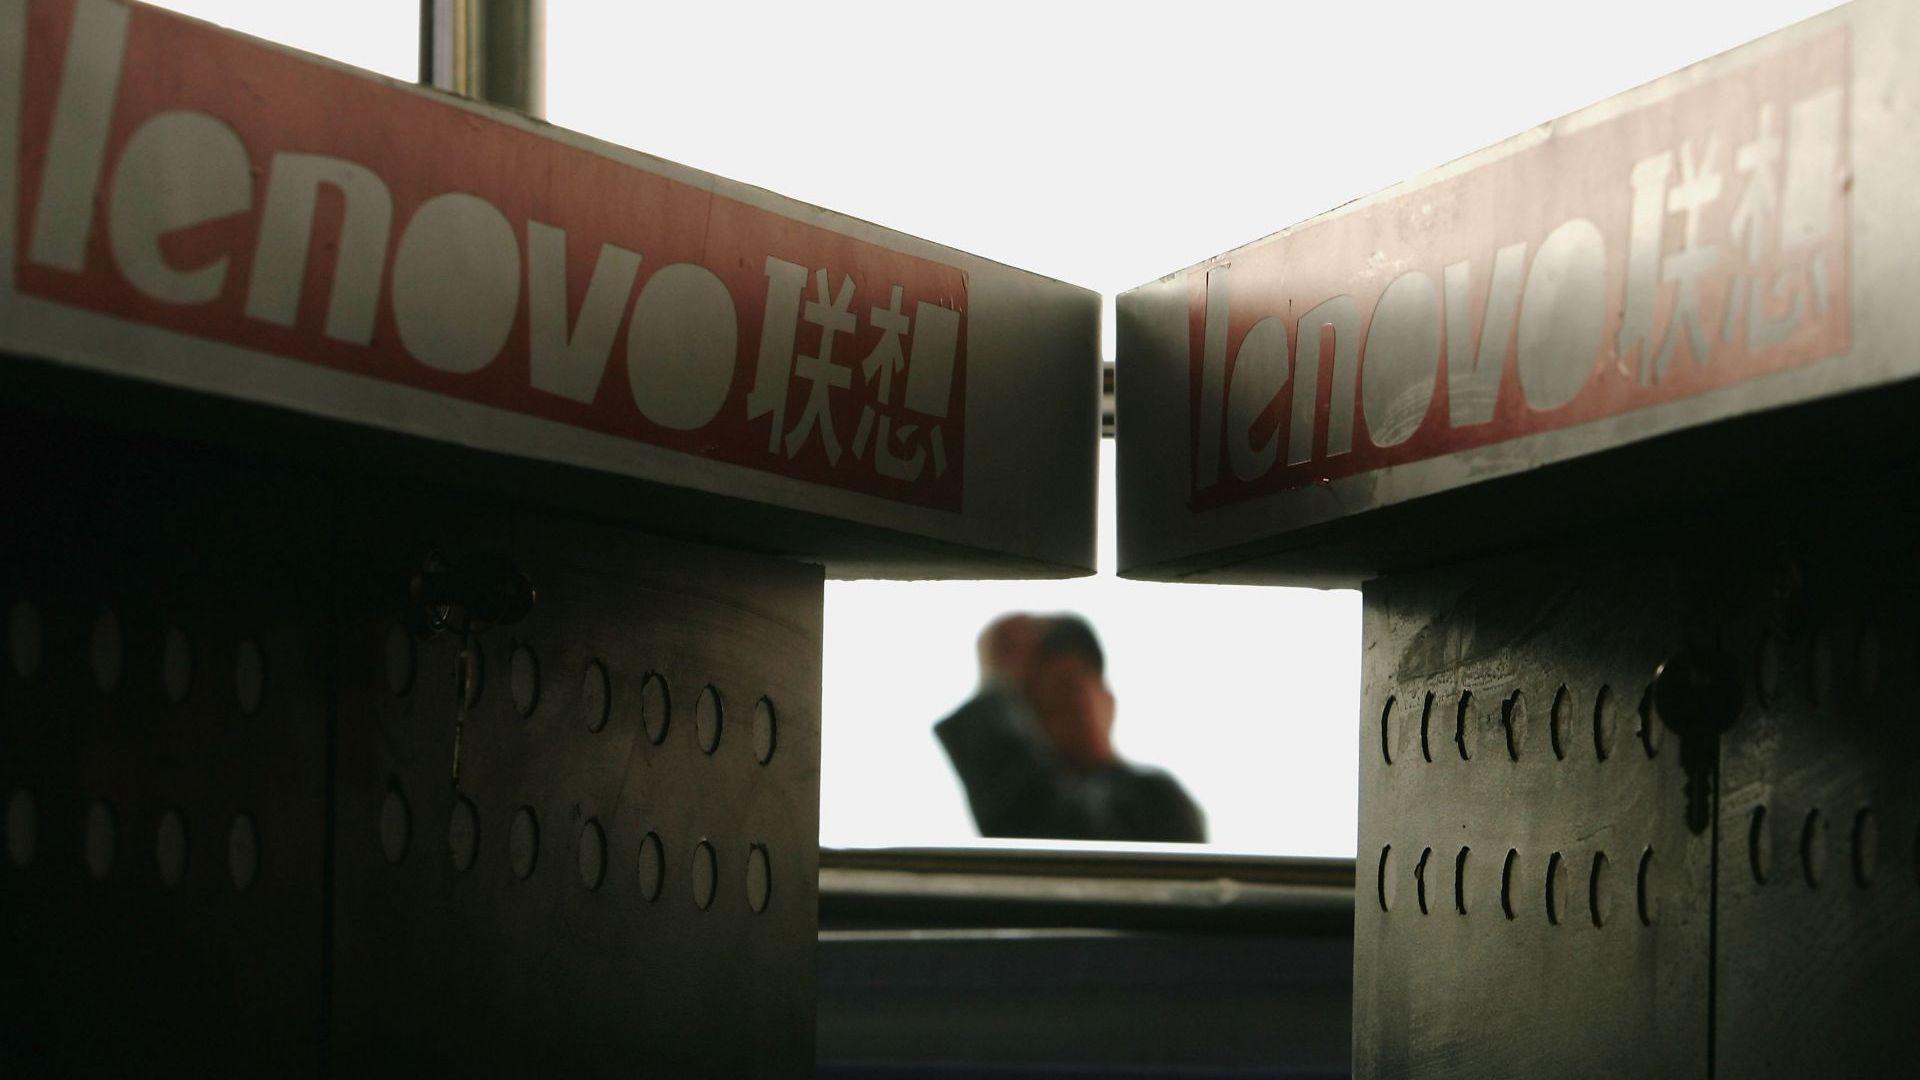 Срив на акциите на Lenovo след шпионска история